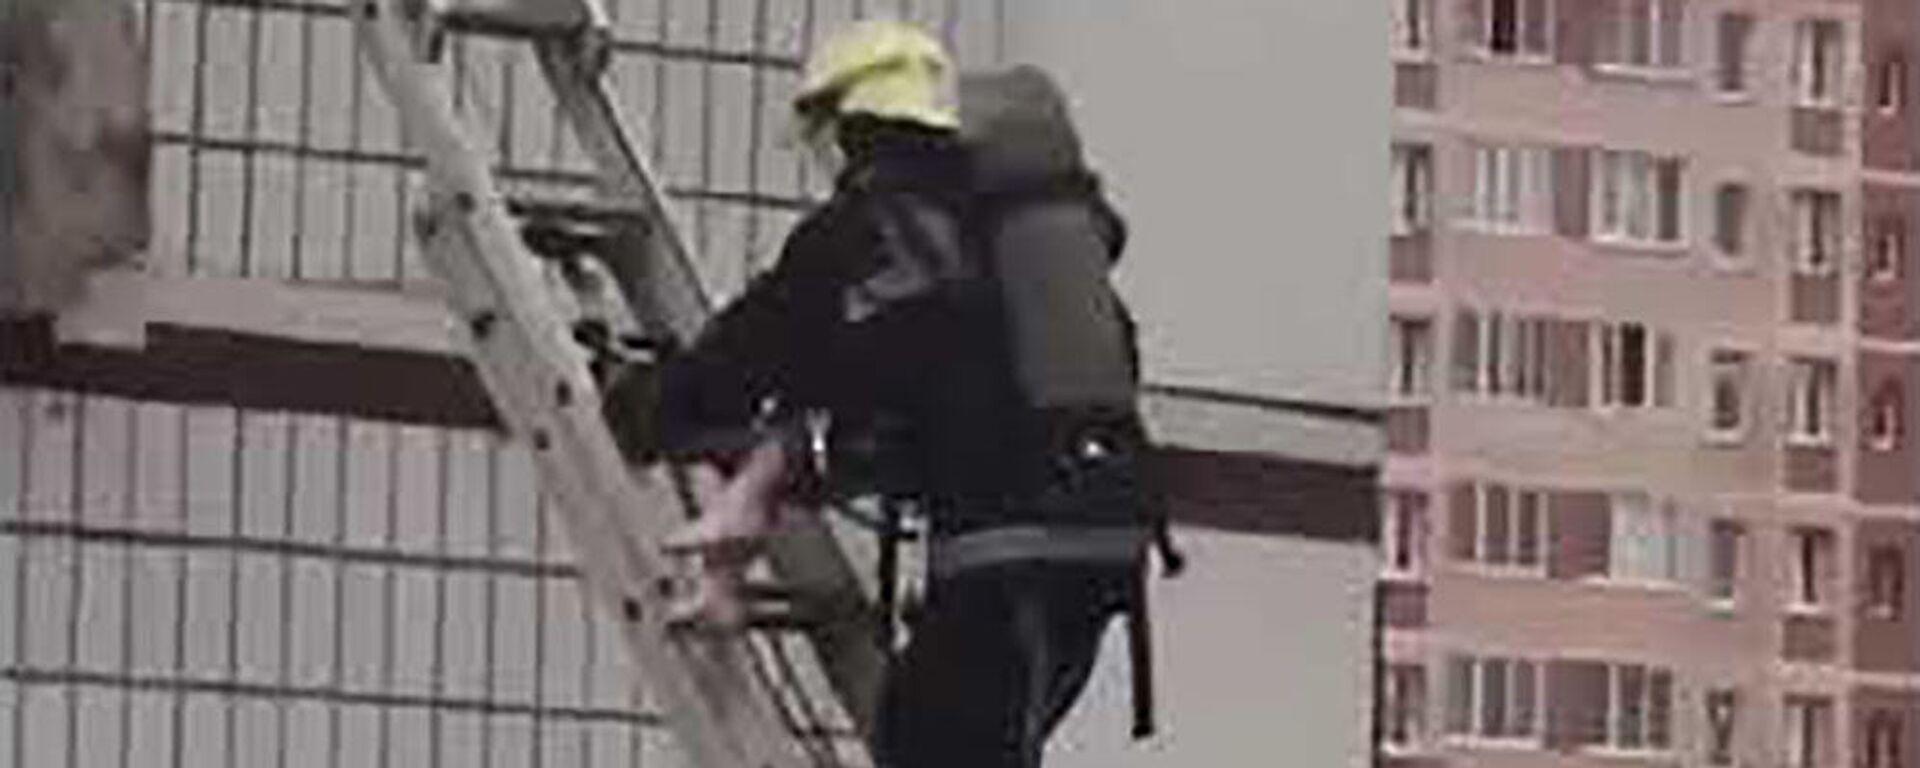 Спасатель спускает уцелевшую девочку после взрыва в Ногинске  - Sputnik Таджикистан, 1920, 08.09.2021